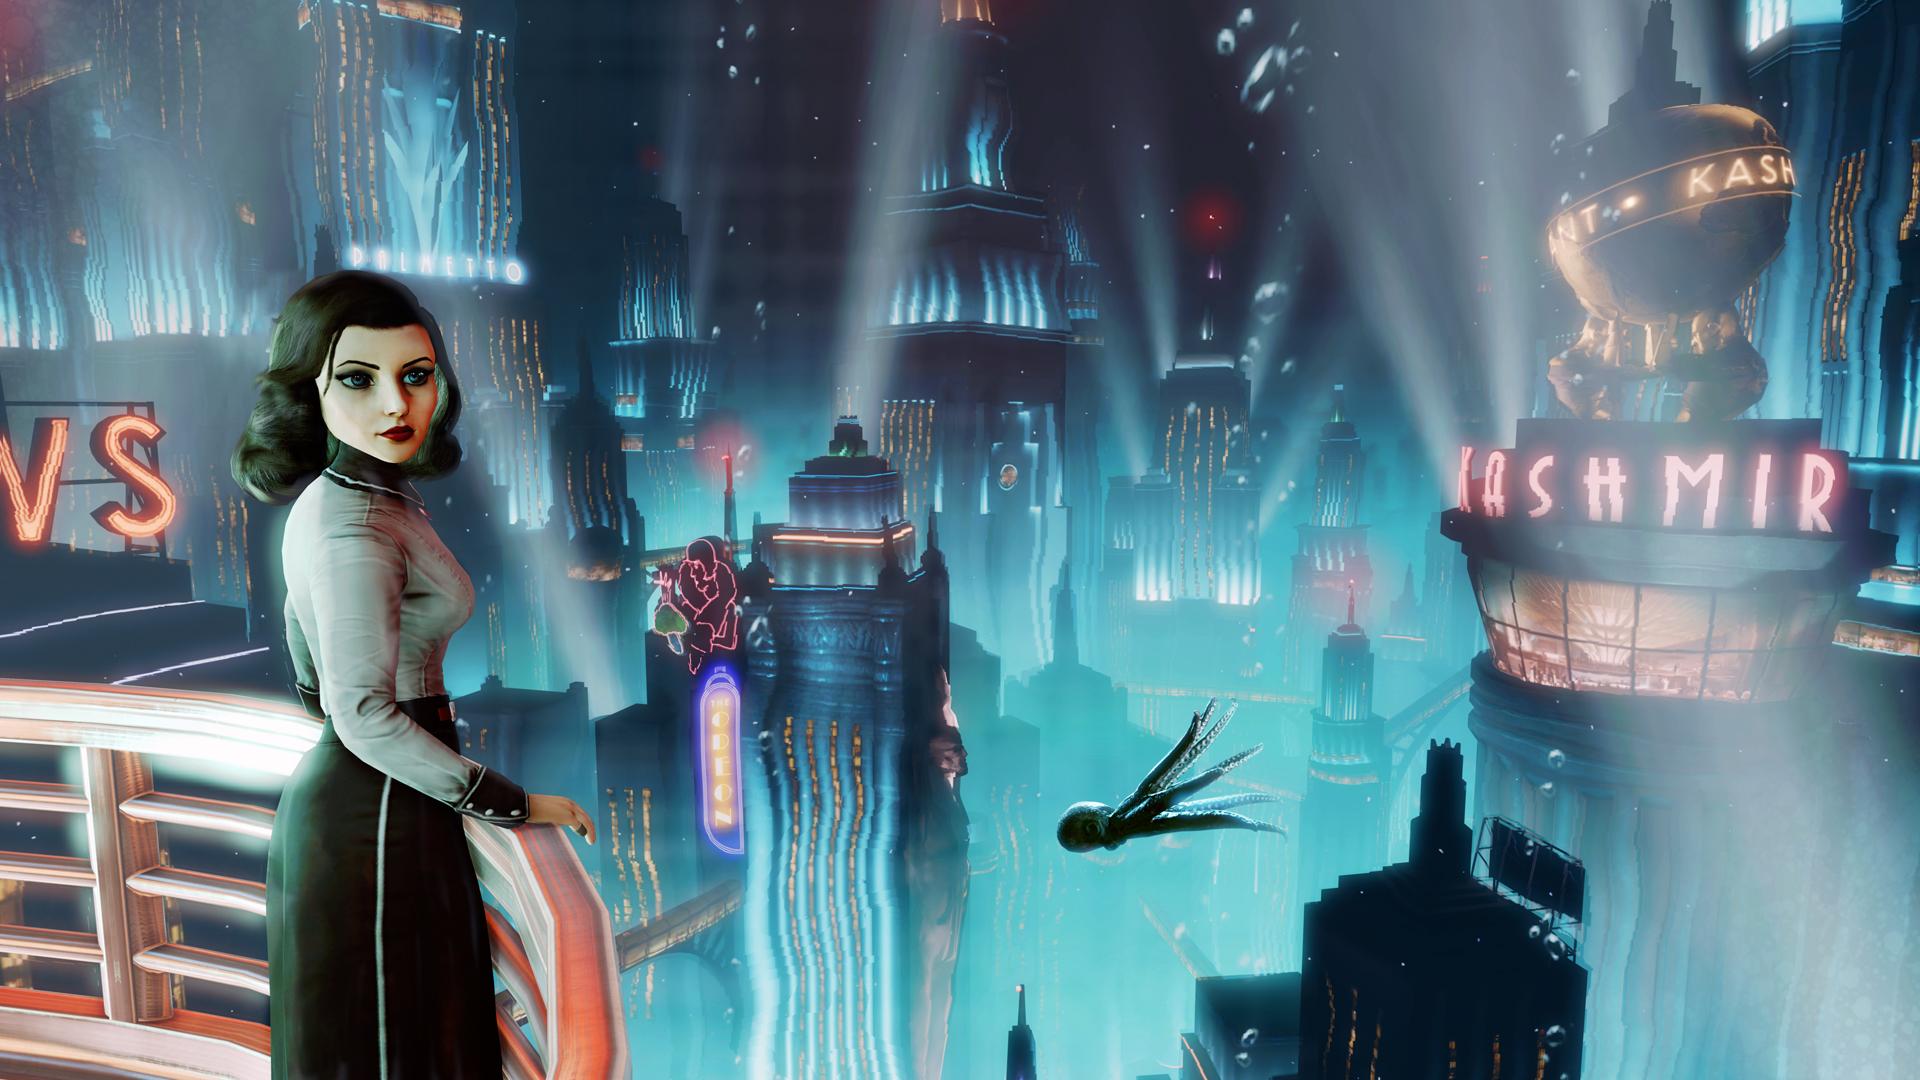 De la nada apareció el primer DLC para Bioshock Infinite y se anuncio el segundo [Vídeos]